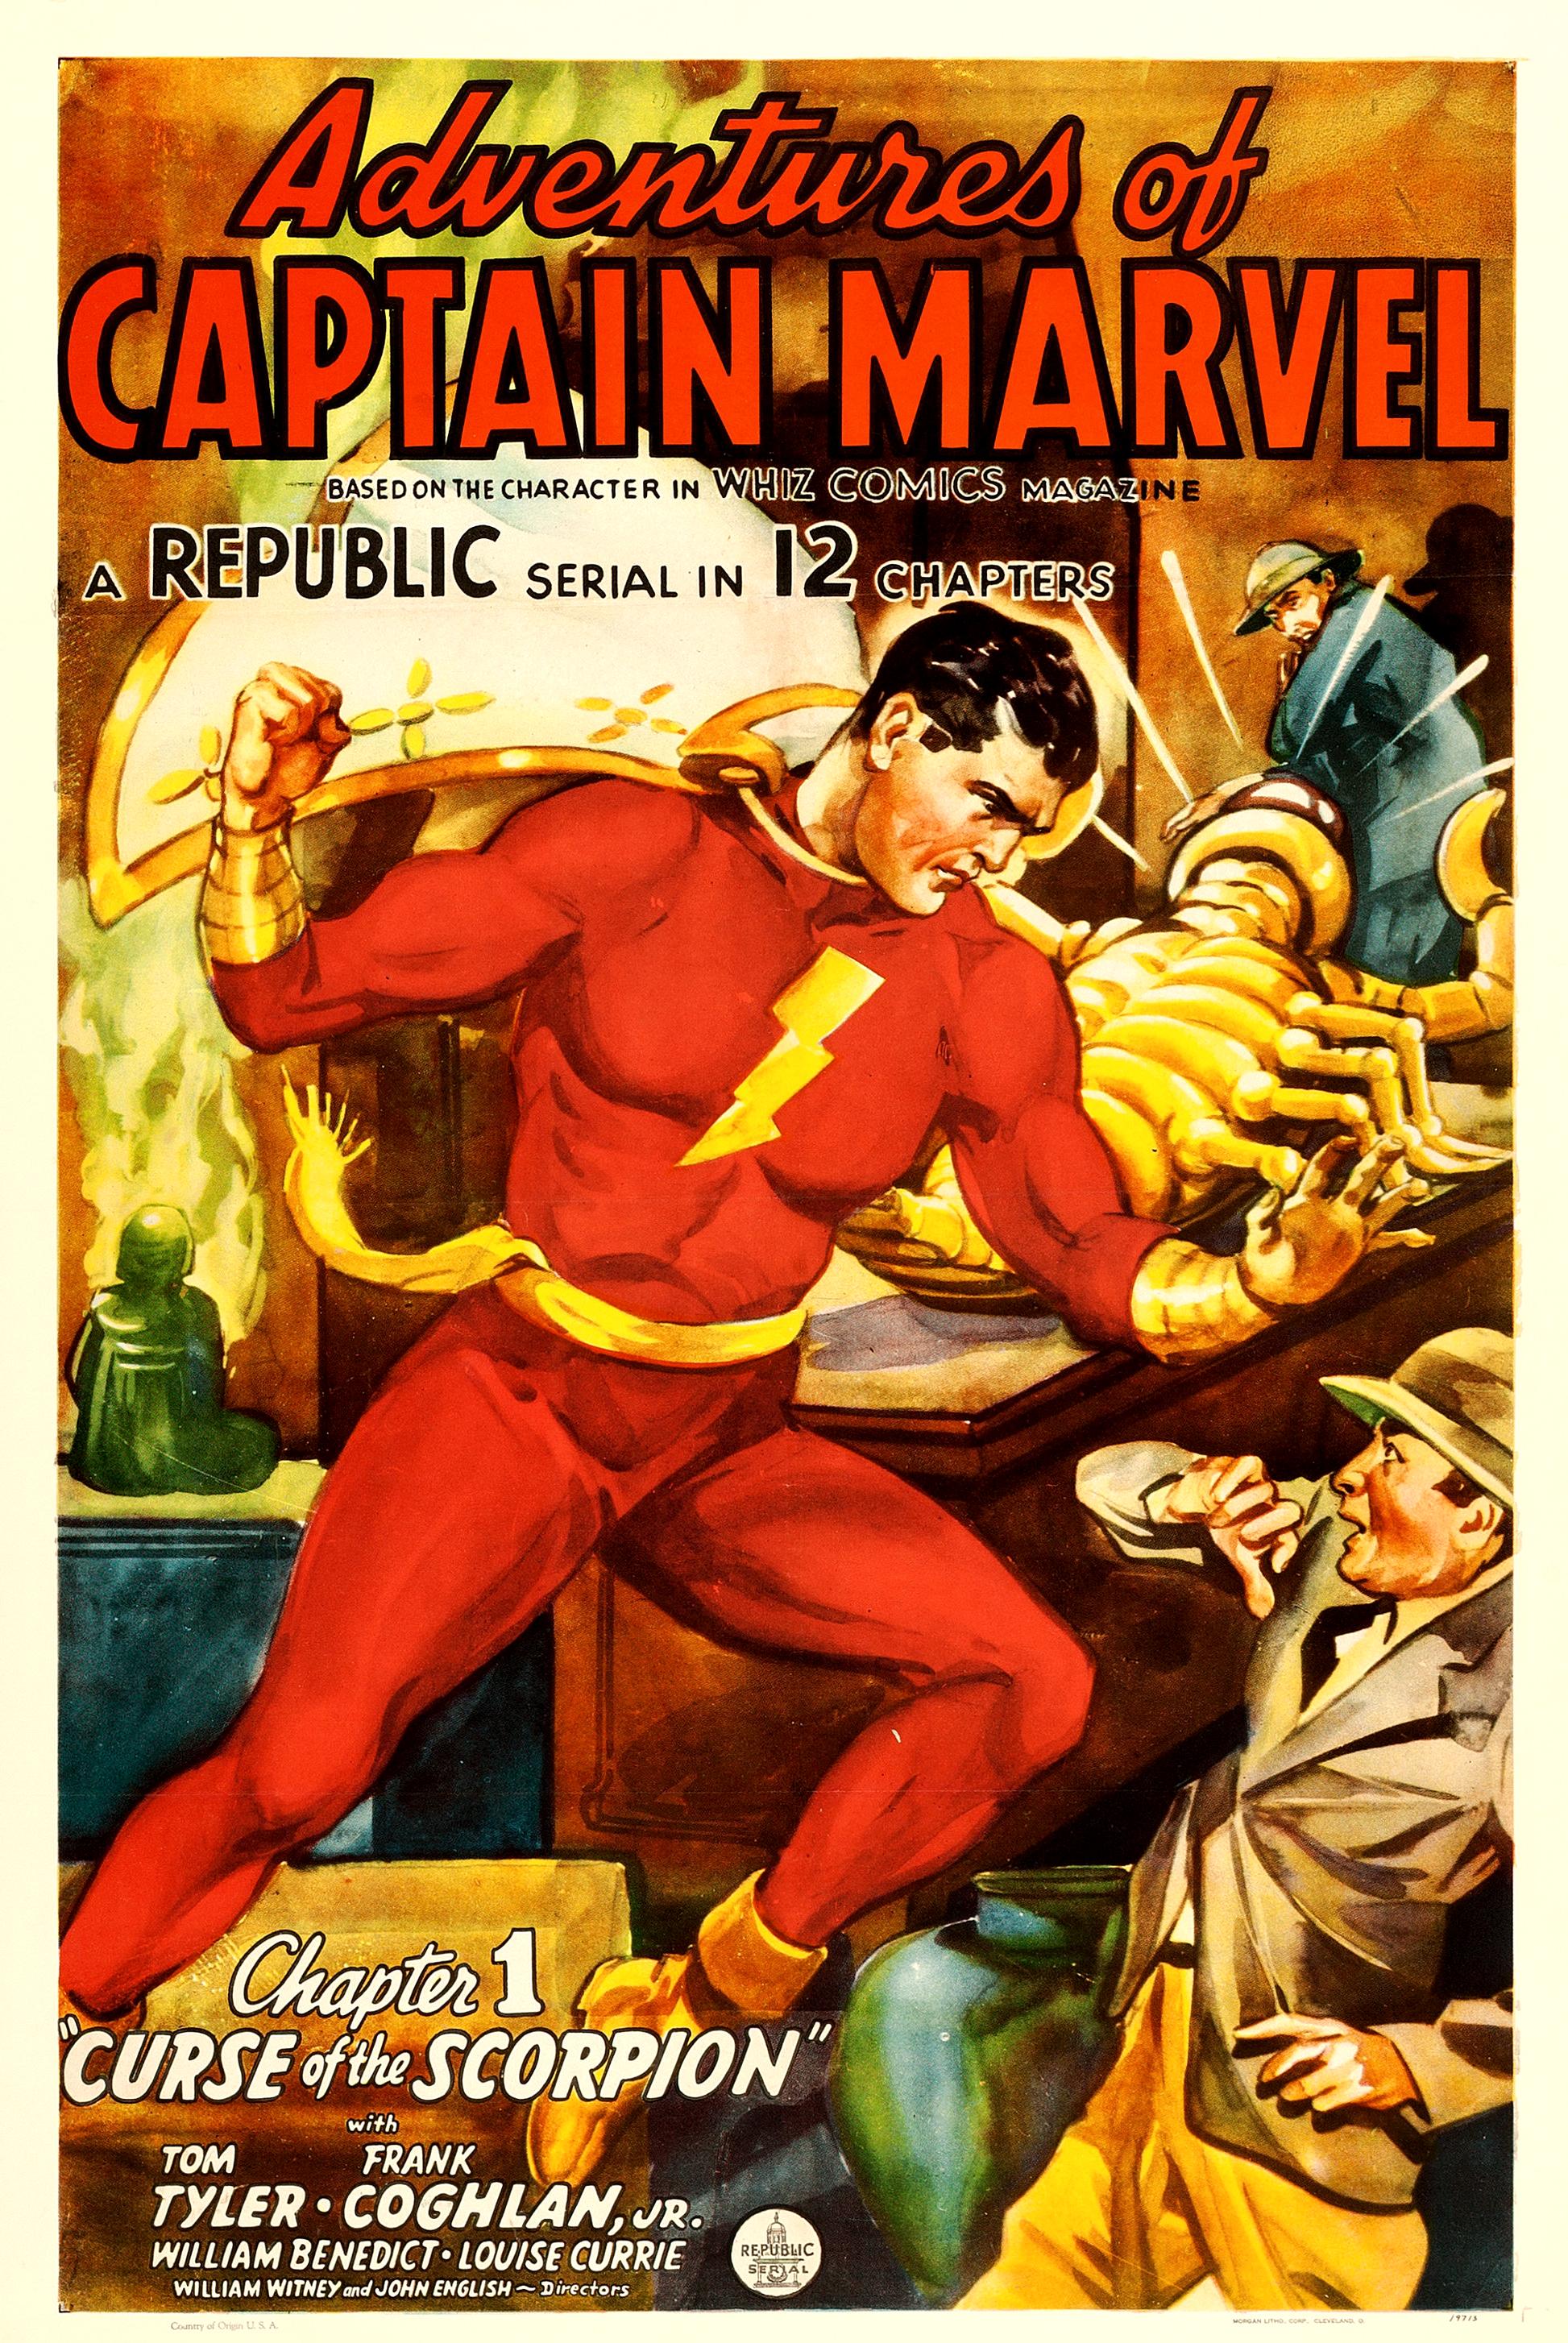 File:Adventures Captain Marvel.jpg